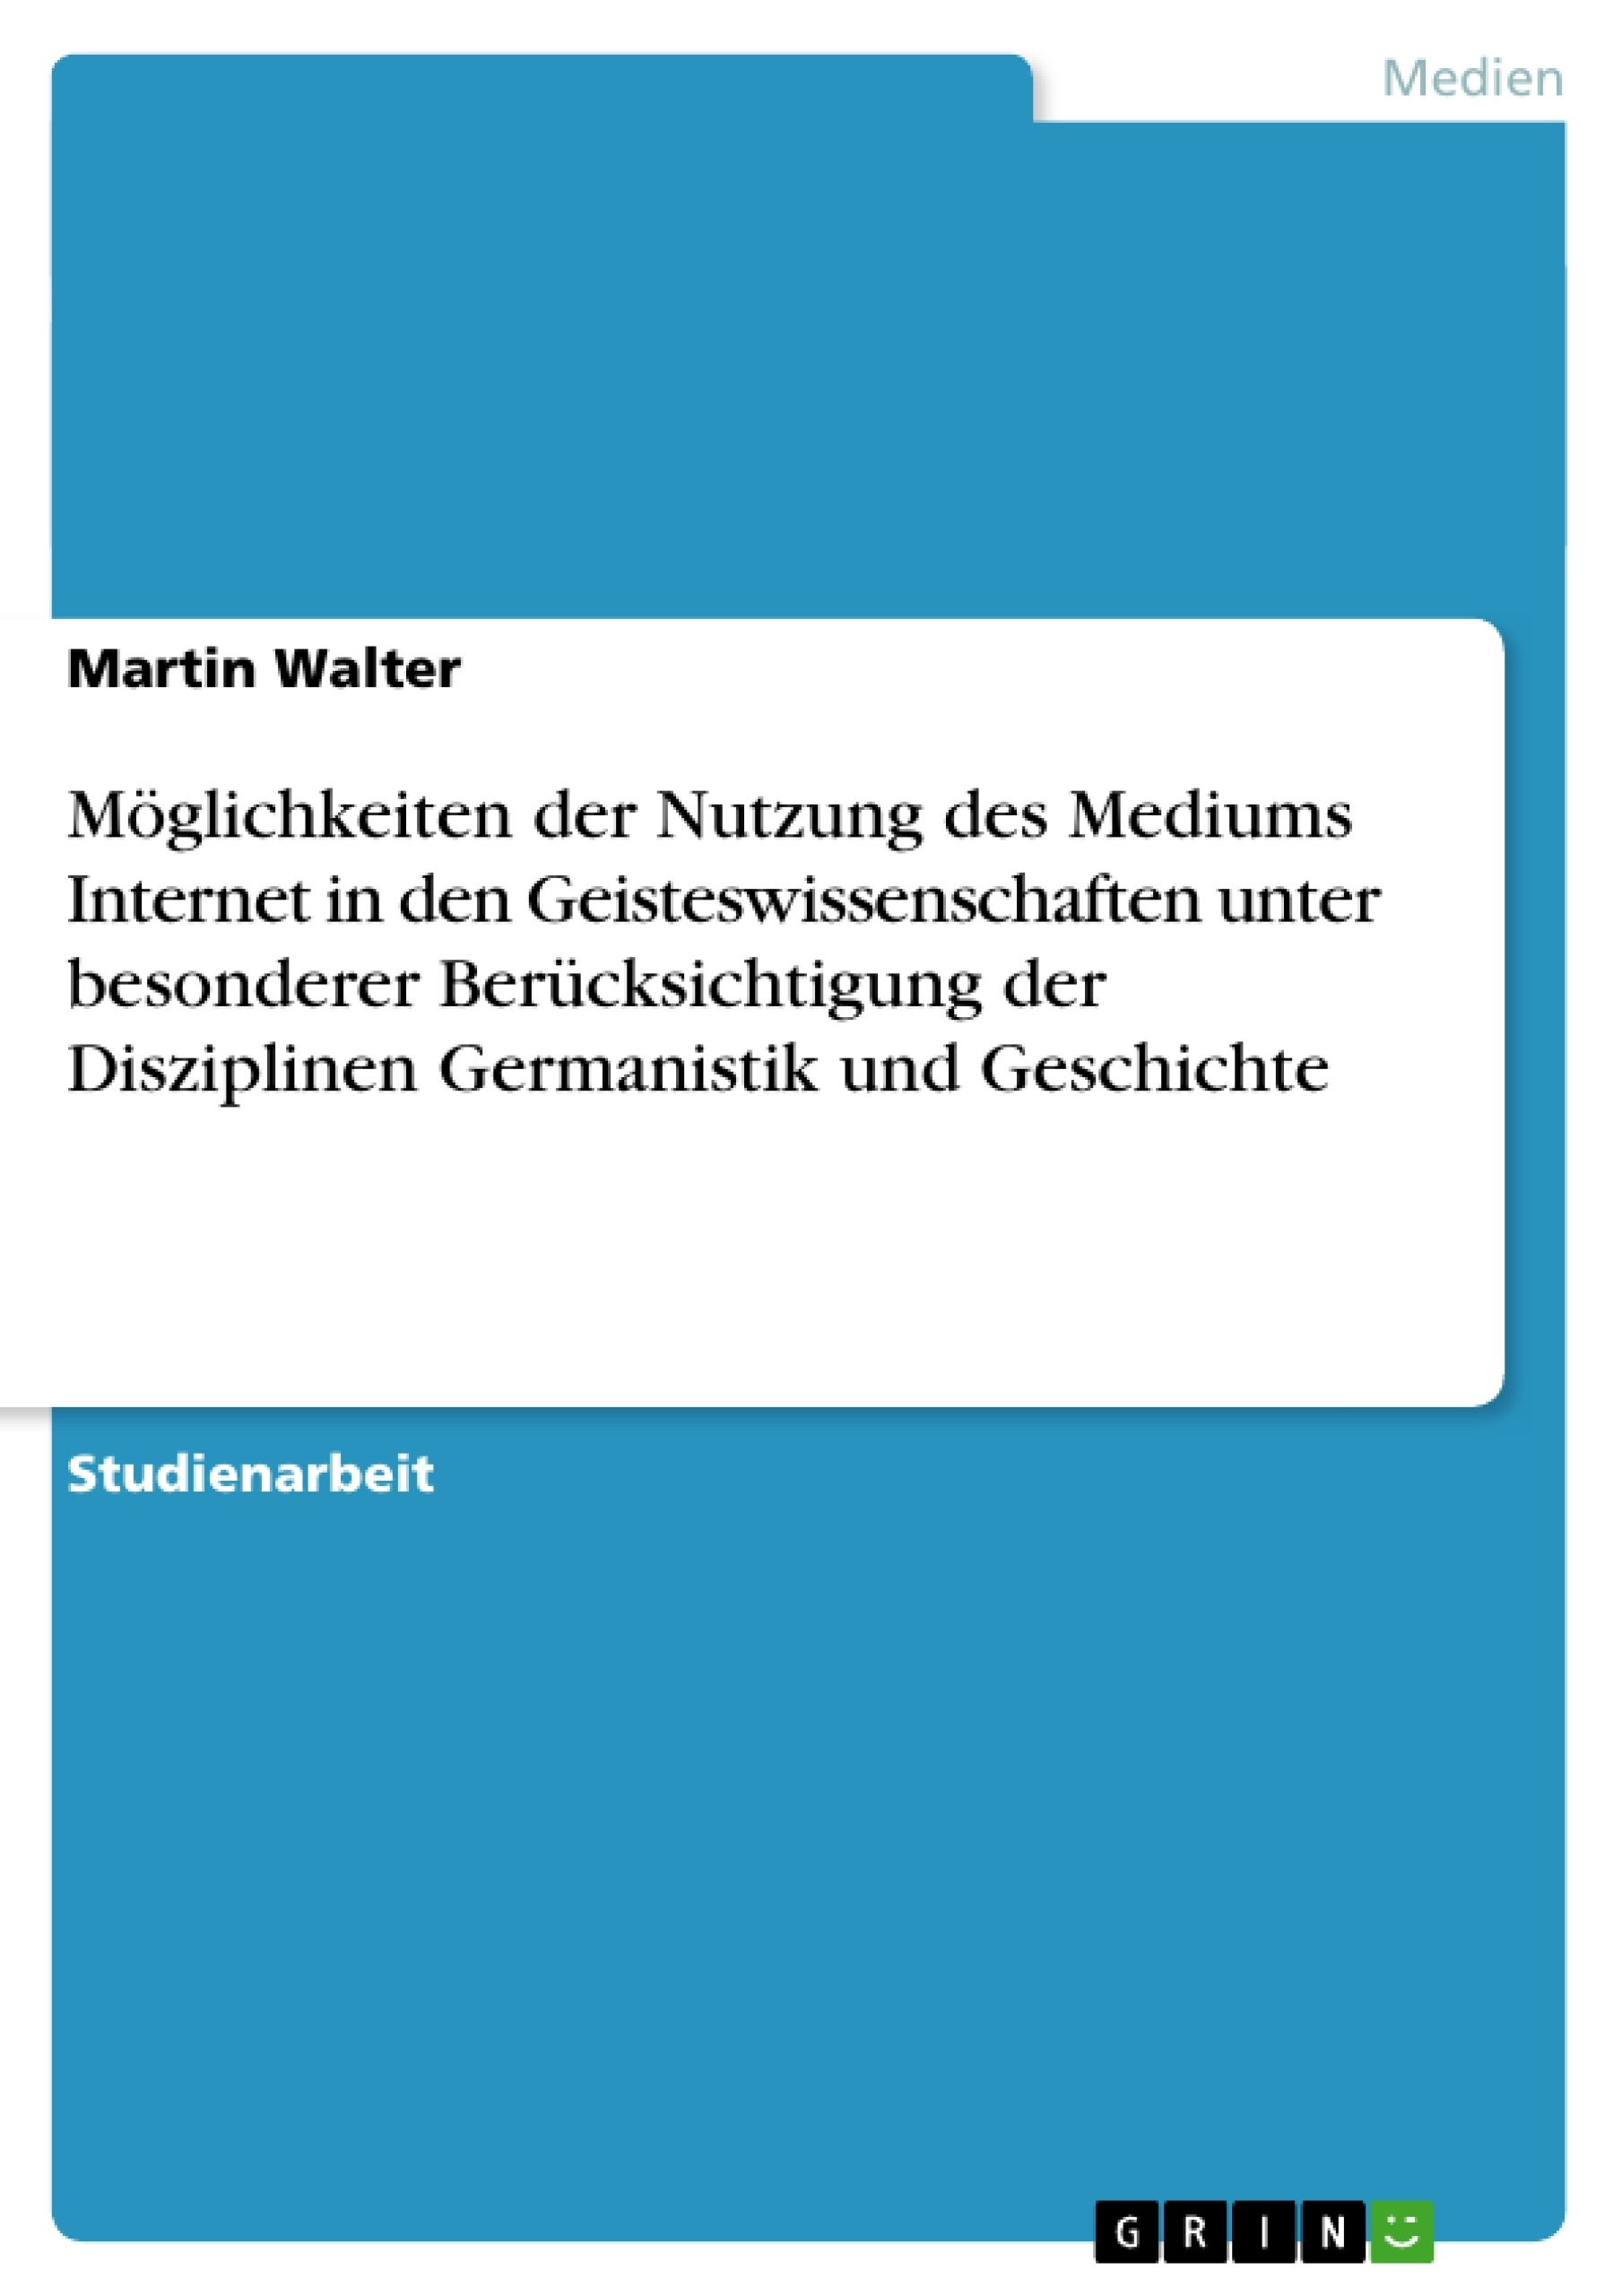 Titel: Möglichkeiten der Nutzung des Mediums Internet in den Geisteswissenschaften unter besonderer Berücksichtigung der Disziplinen Germanistik und Geschichte